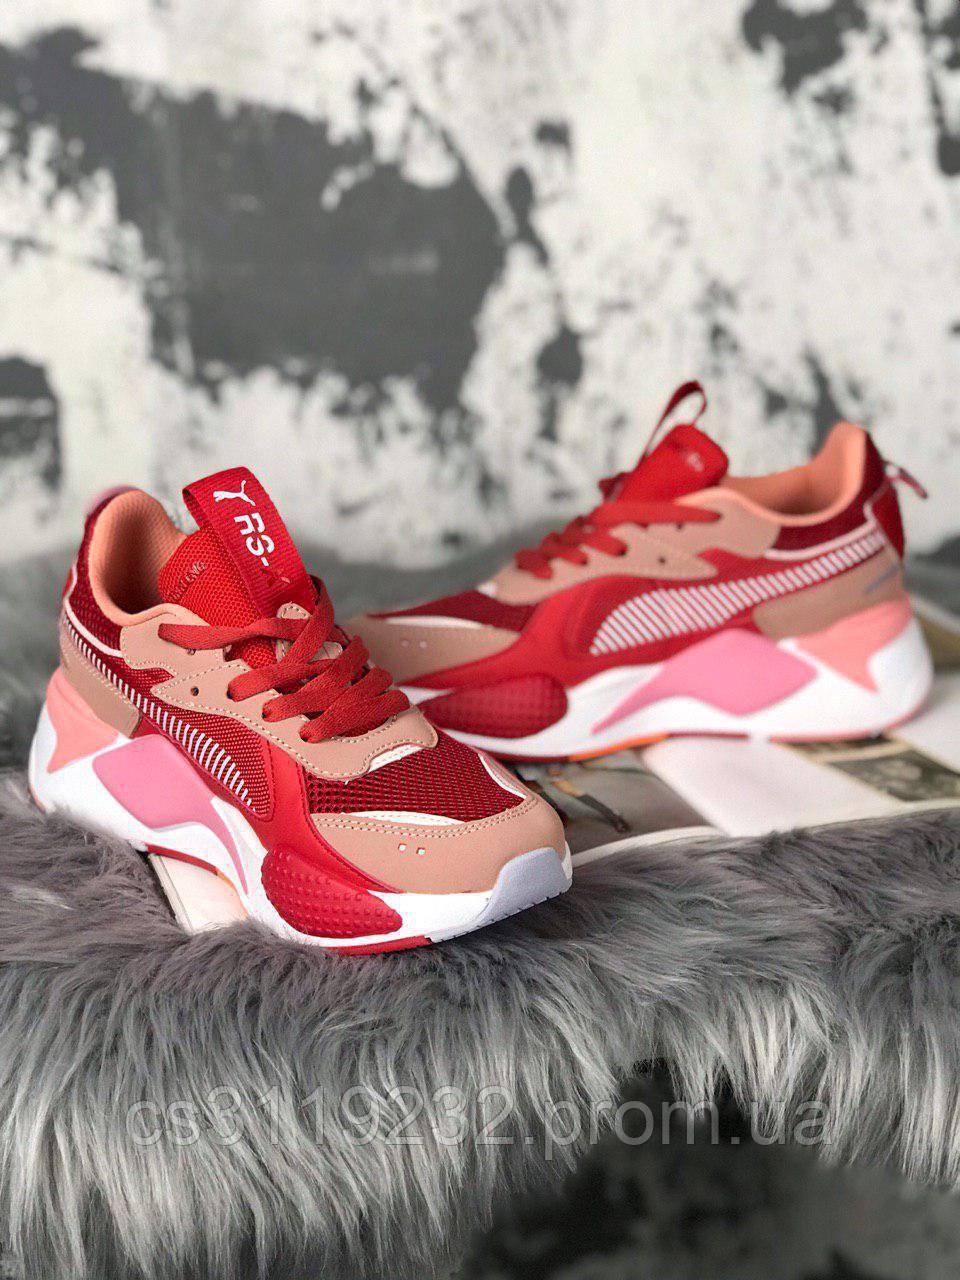 Женские кроссовки Puma Rs-x Toys Bright Peach Red (белый/персиковый/красный)